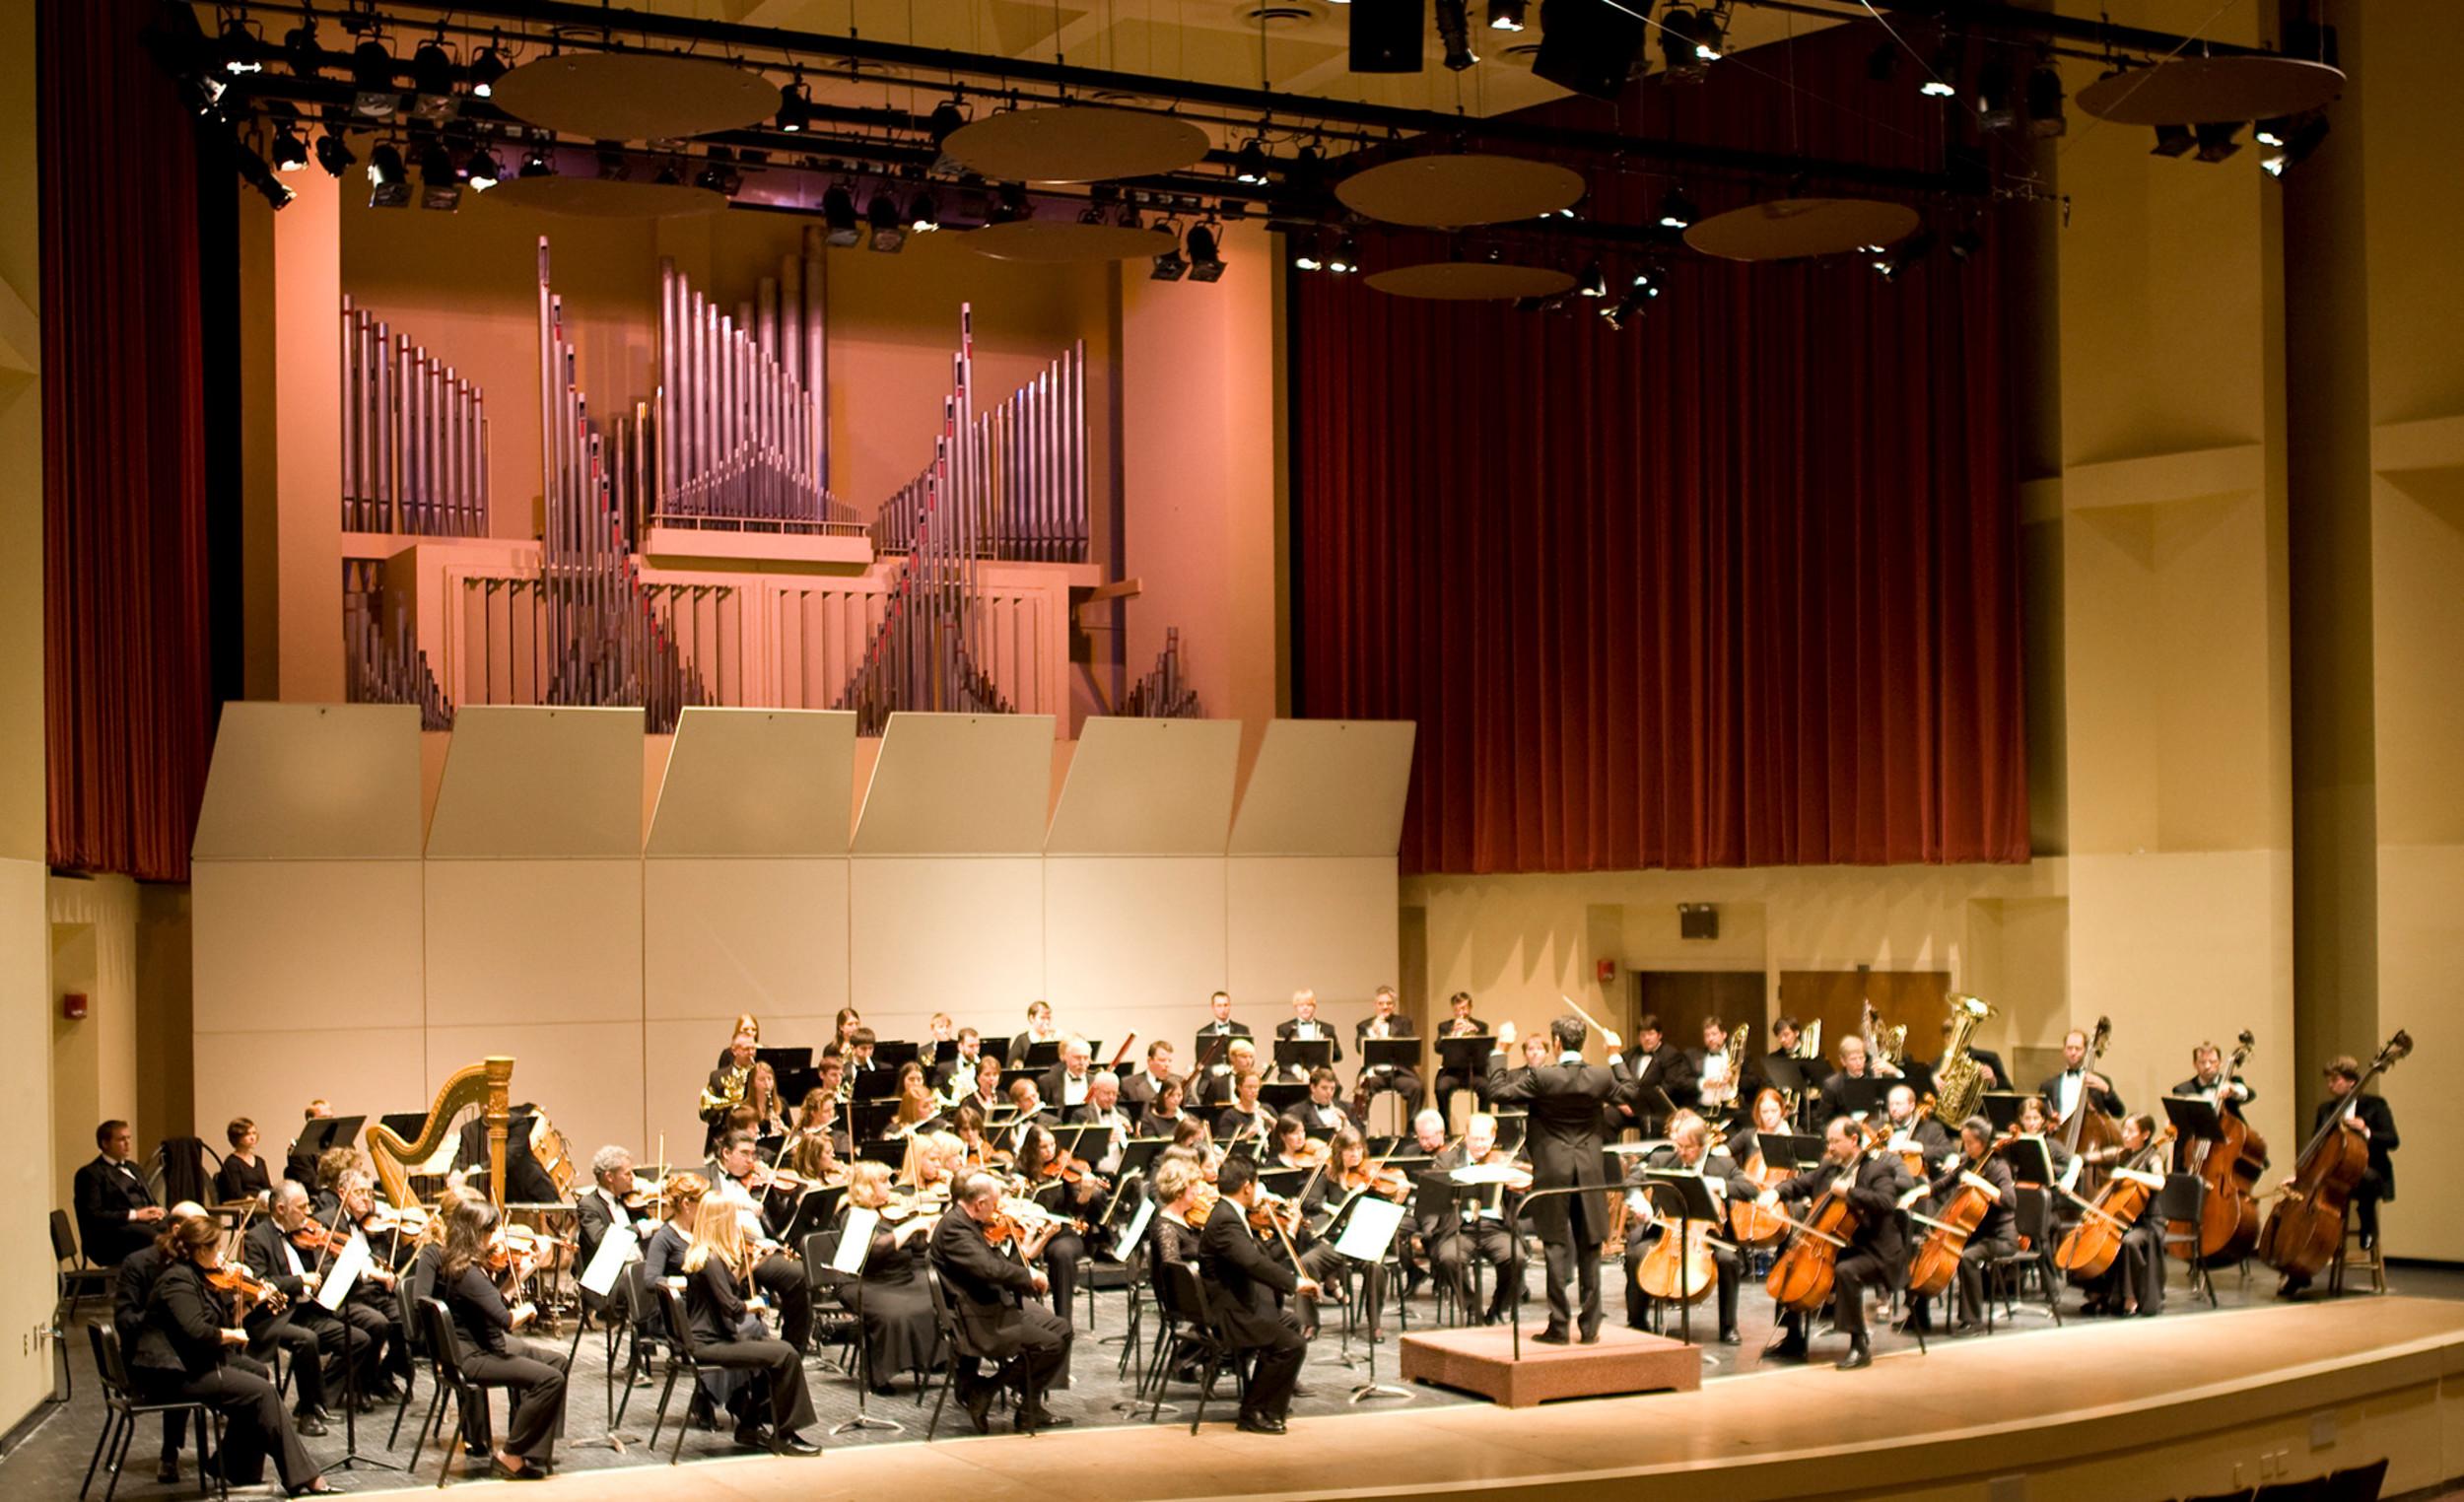 Bryan Symphony Orchestra